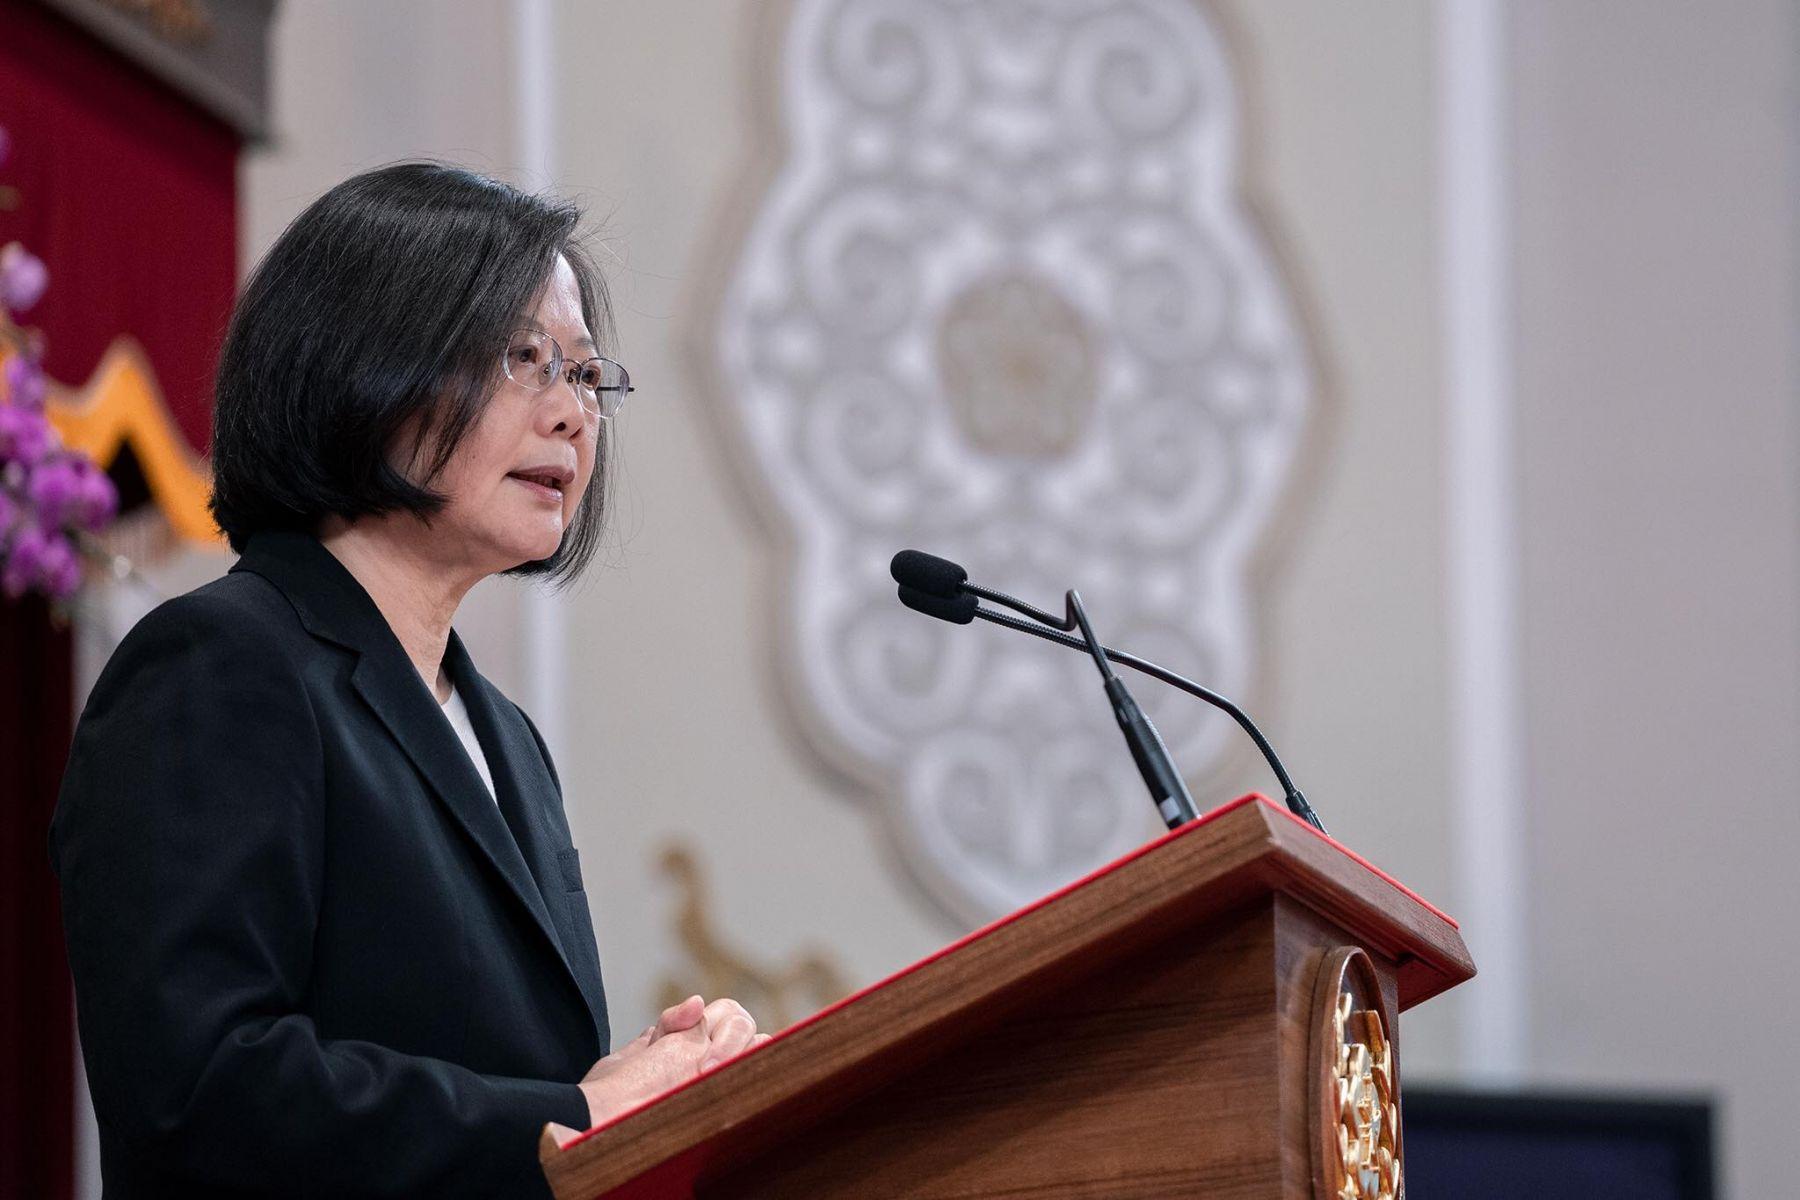 蔡英文國慶談話:台灣不會貿然升高對抗,也不會屈從退讓